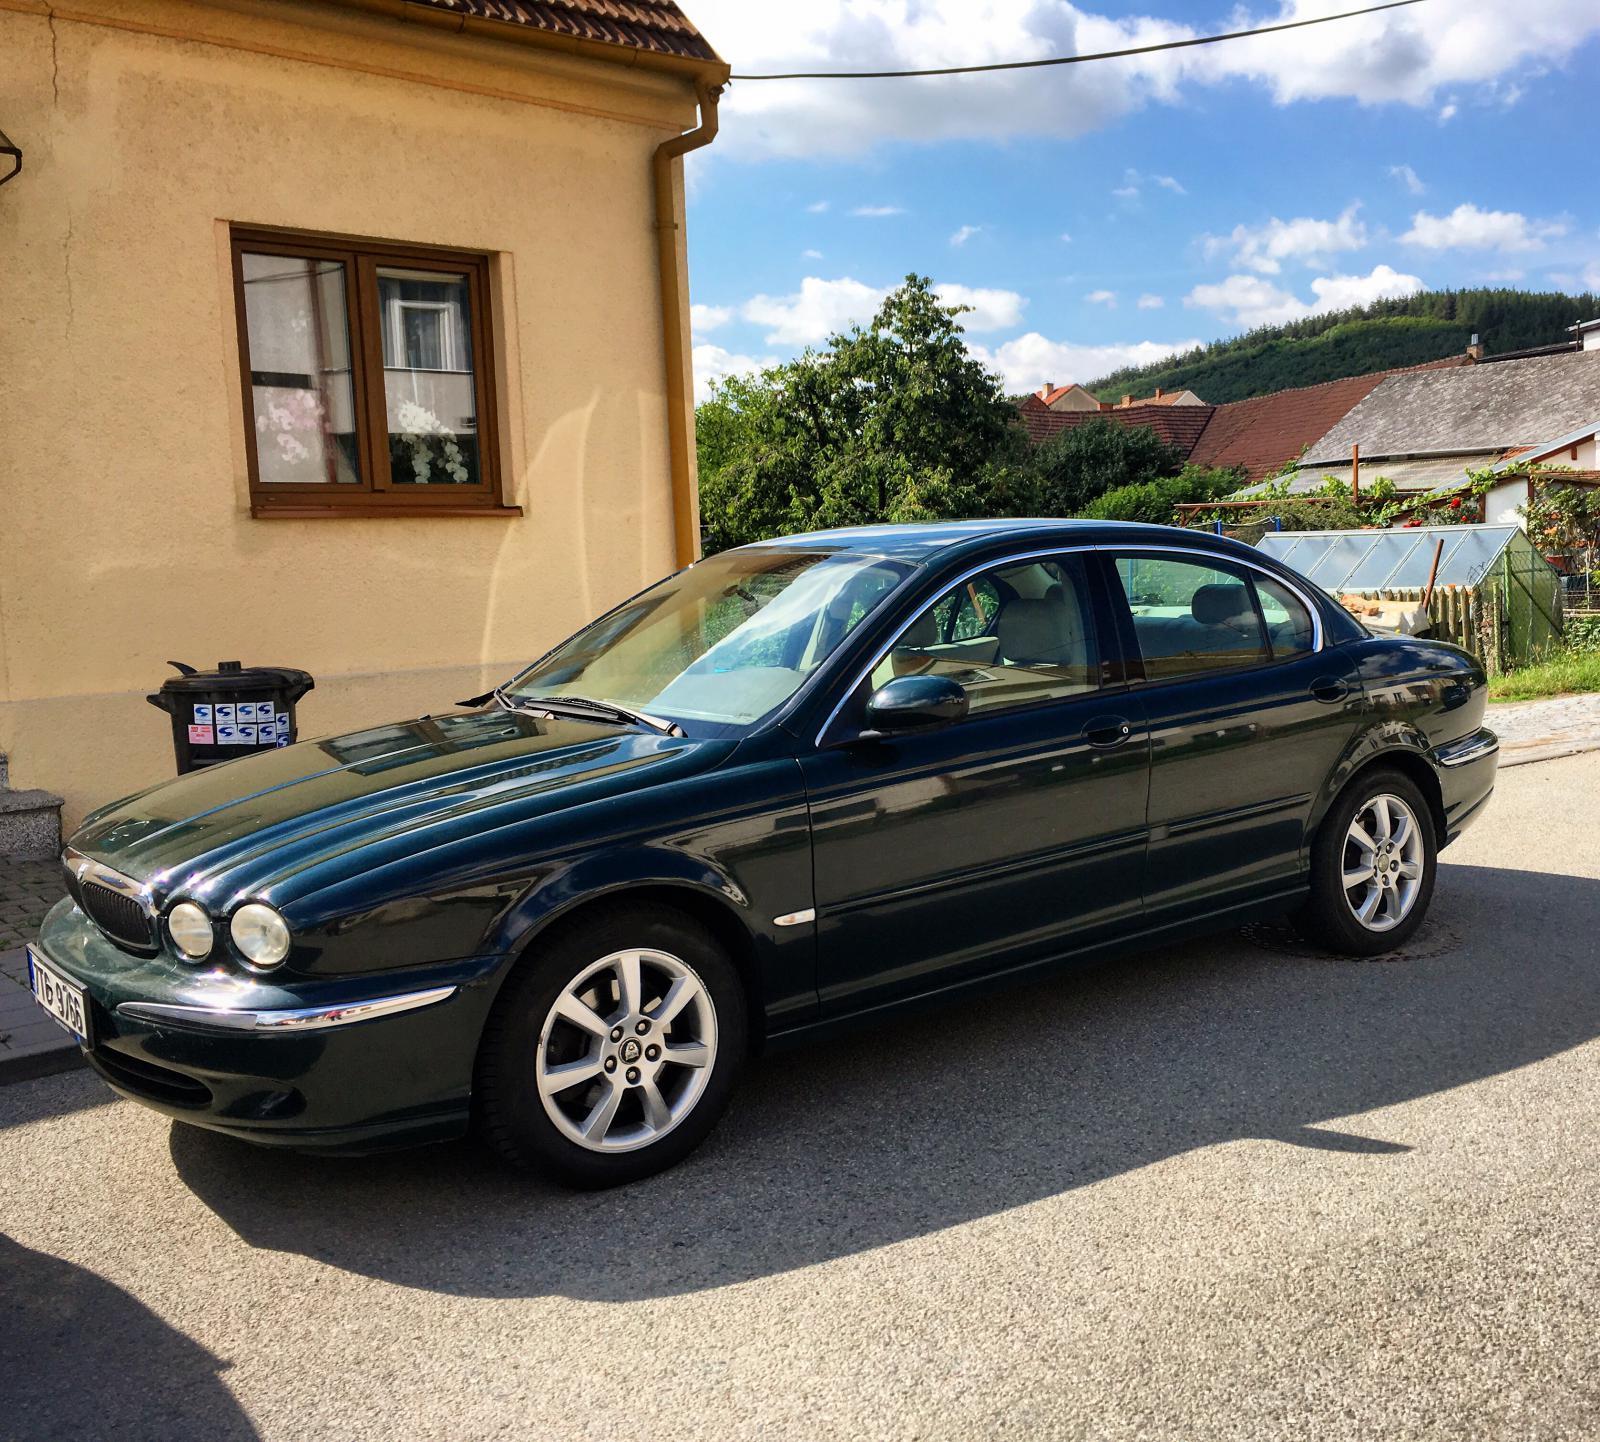 2004 Jaguar X Type For Sale: 2004 Jaguar X-type (X400) 2.5 (152 Cui) V6 Gasoline 144 KW